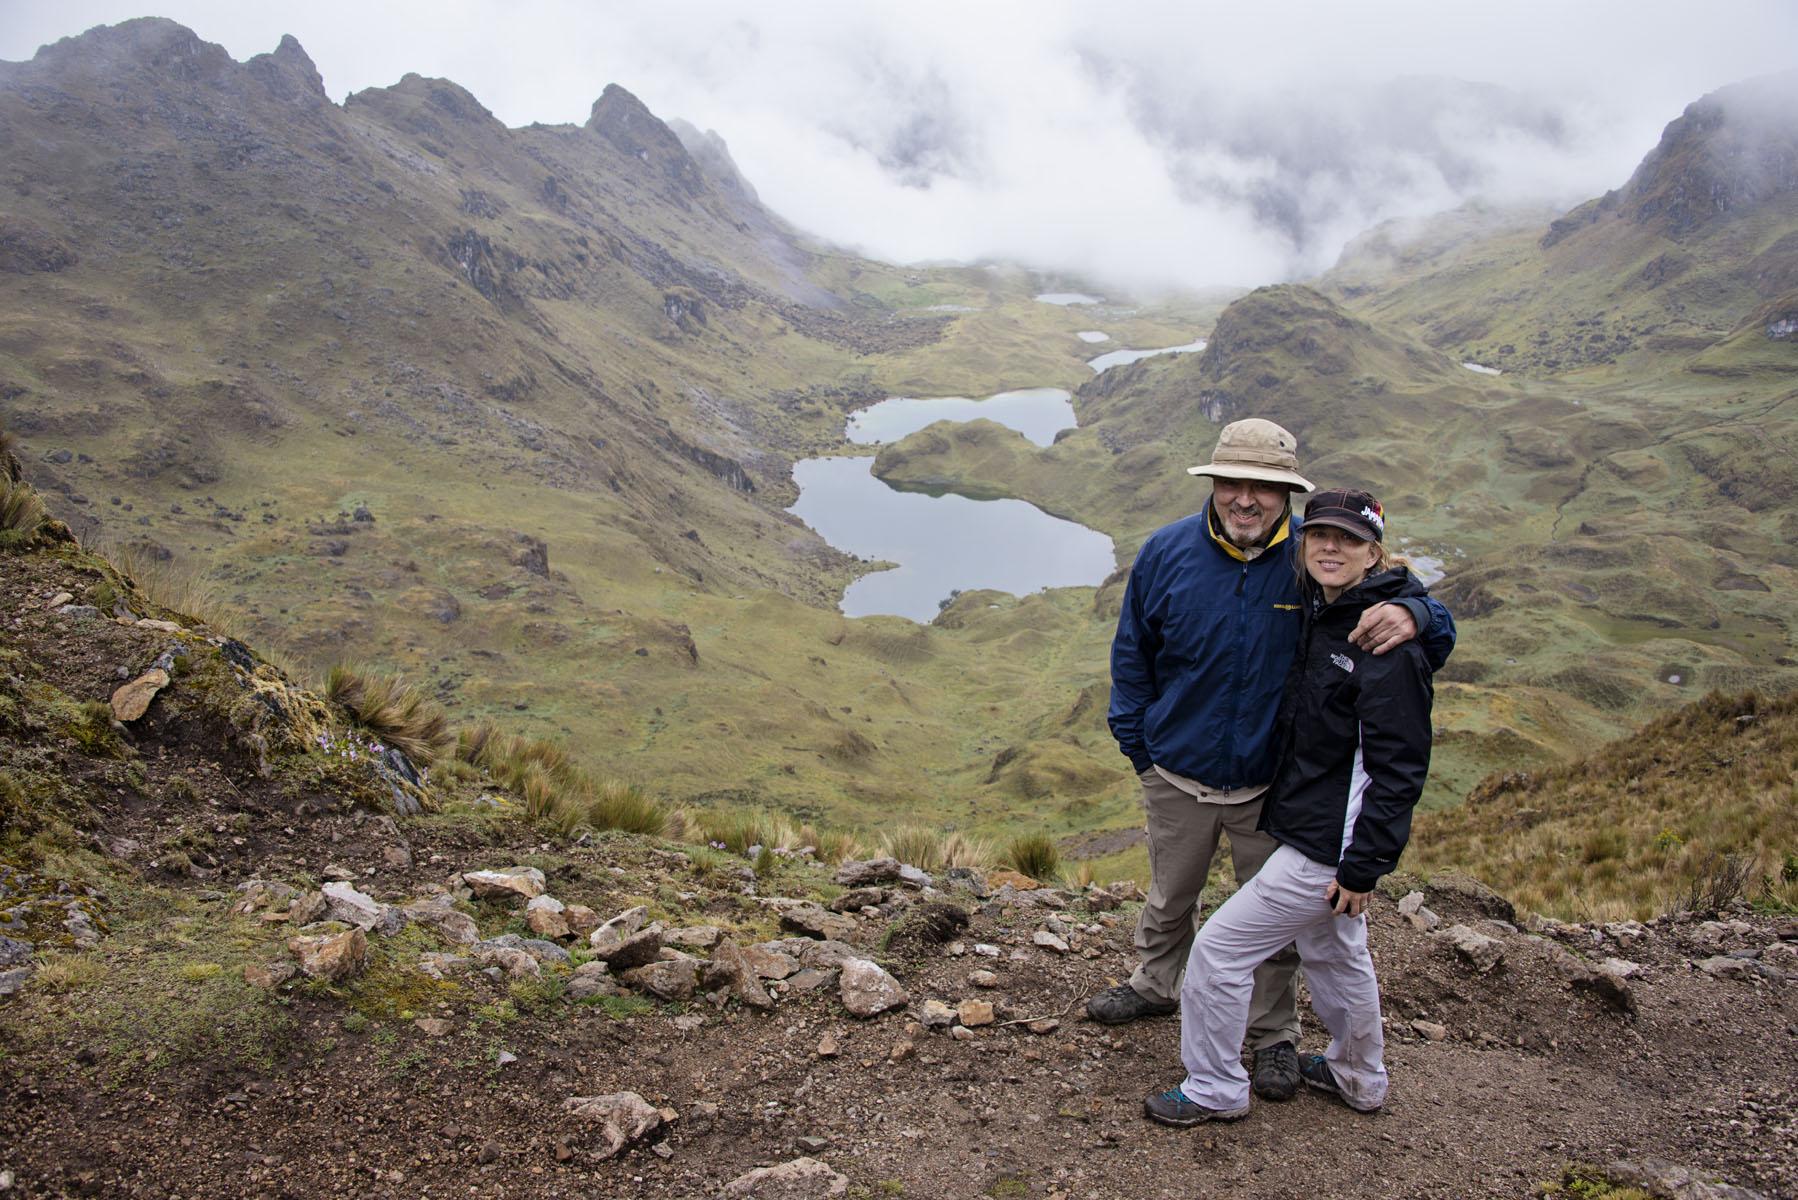 208-Peru-5-15_web.jpg